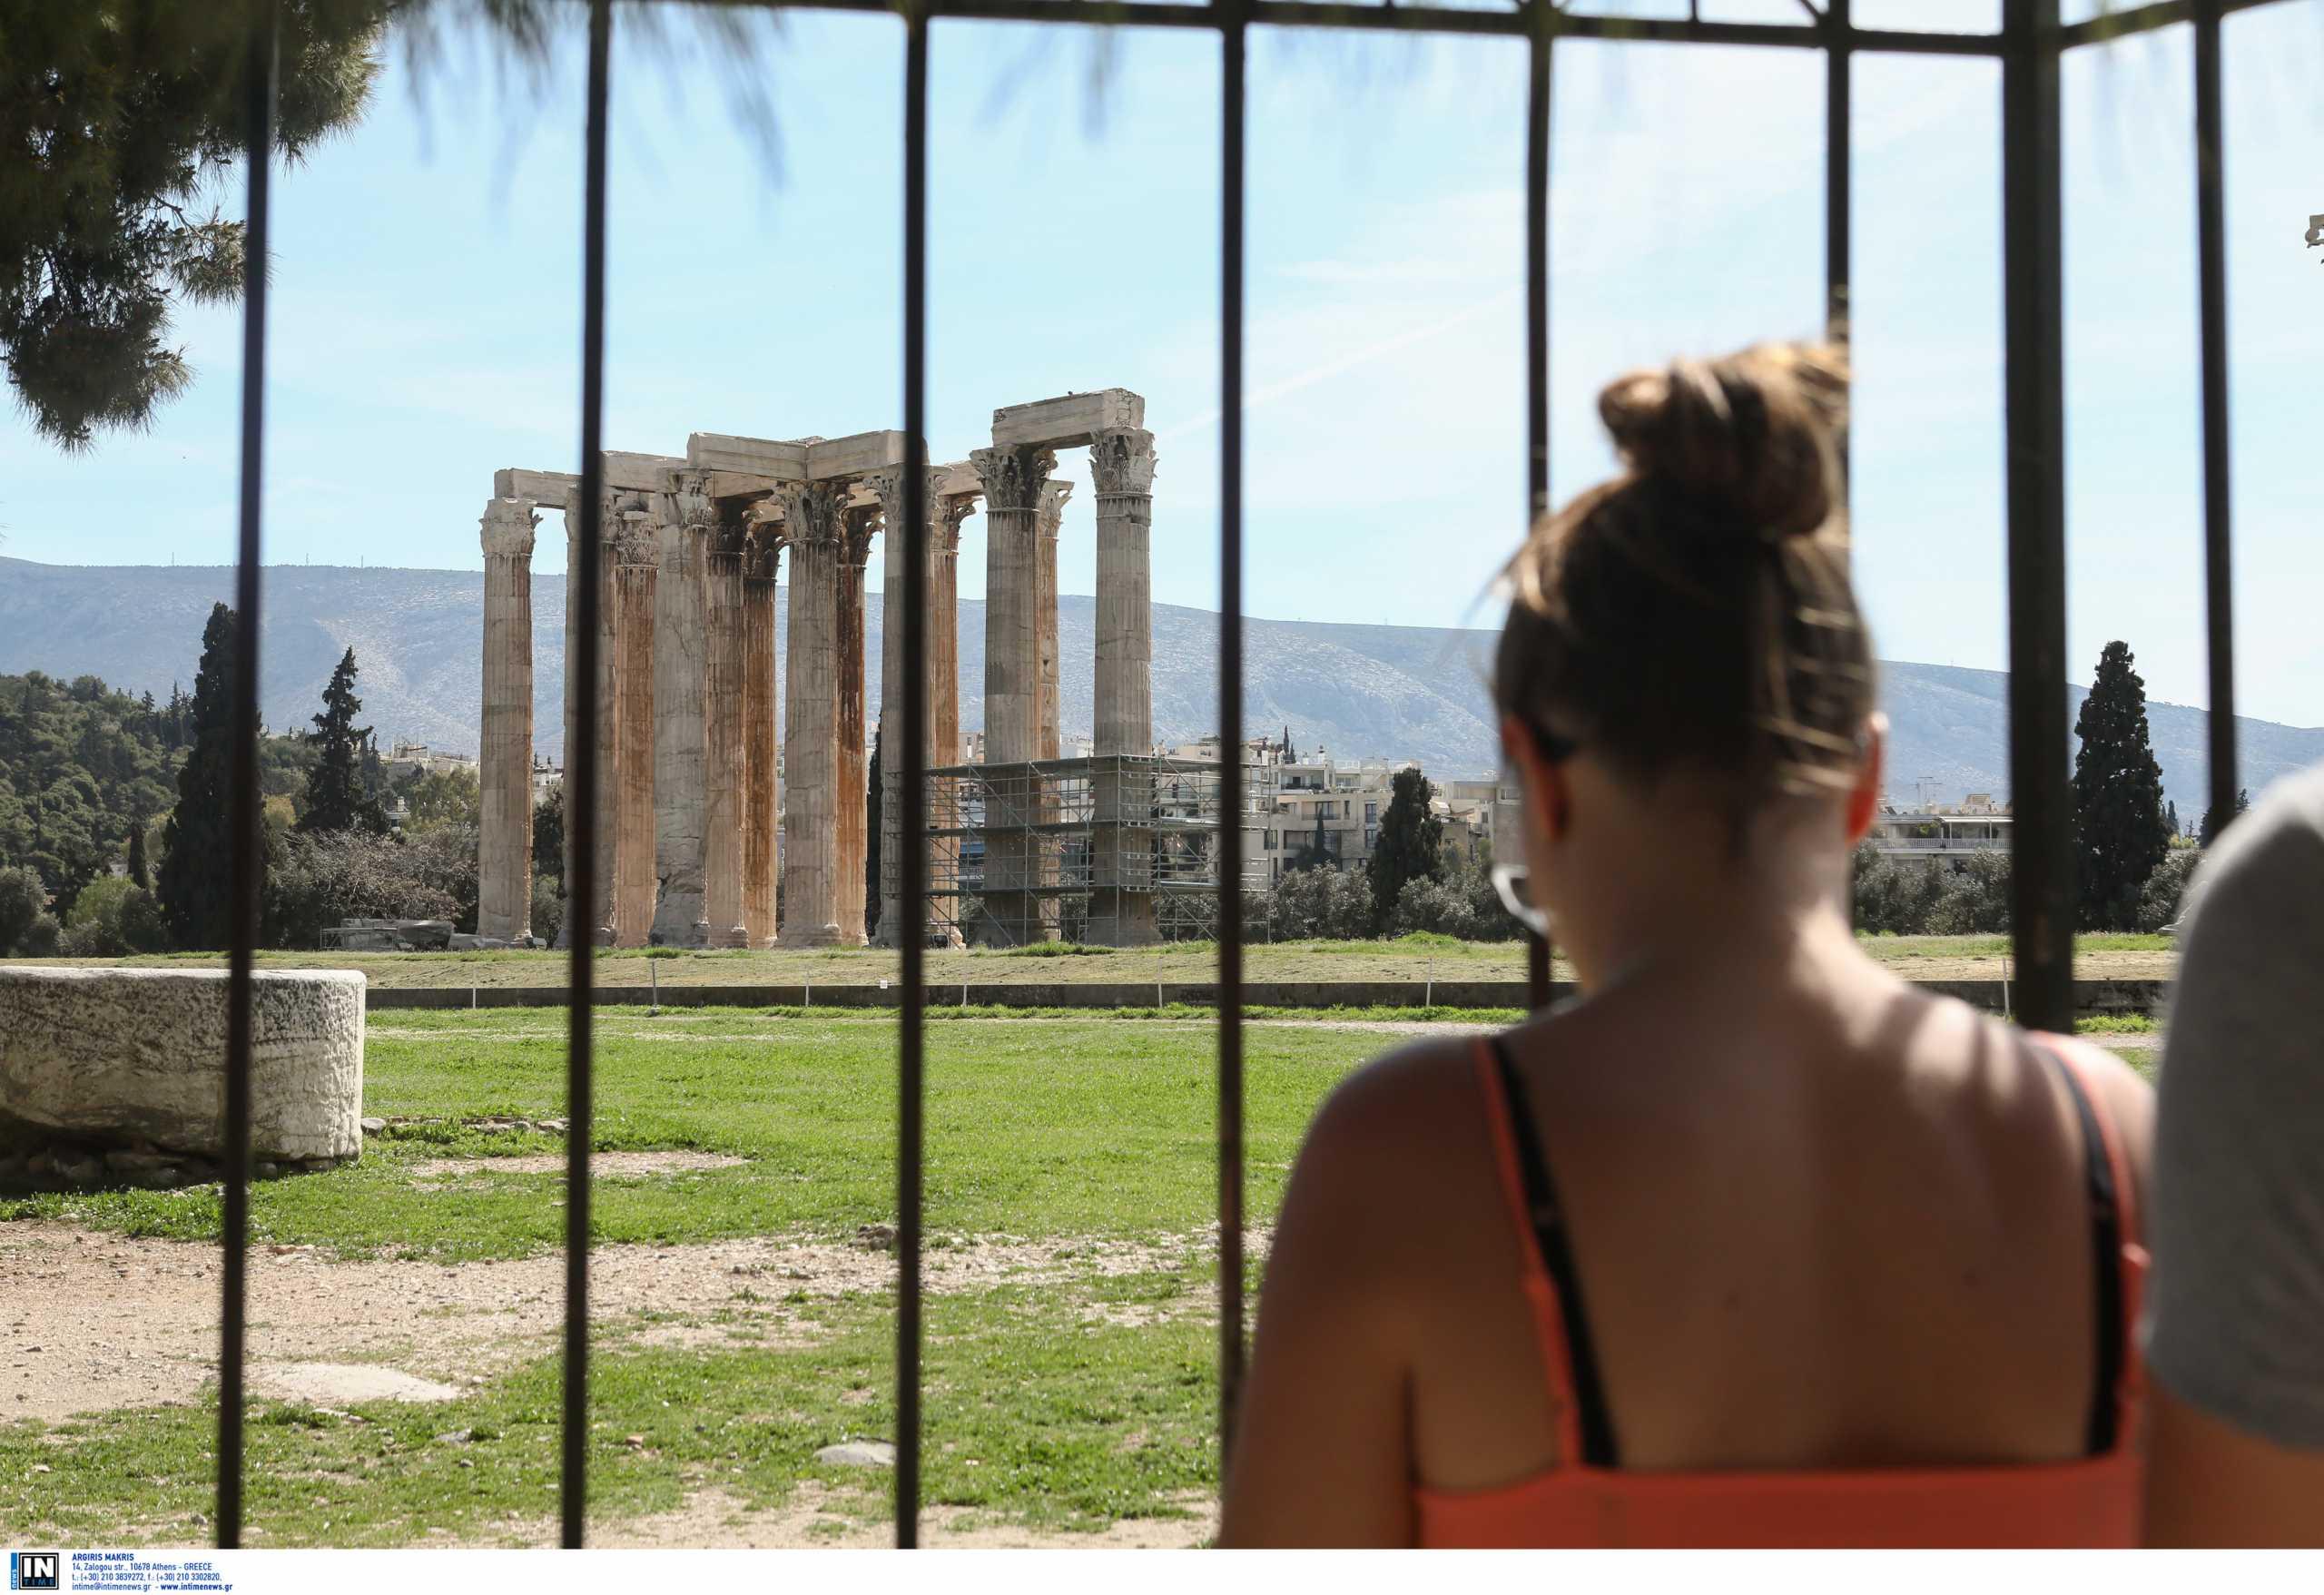 Έτσι θα λειτουργήσουν οι αρχαιολογικοί χώροι – Όλα όσα πρέπει να ξέρετε